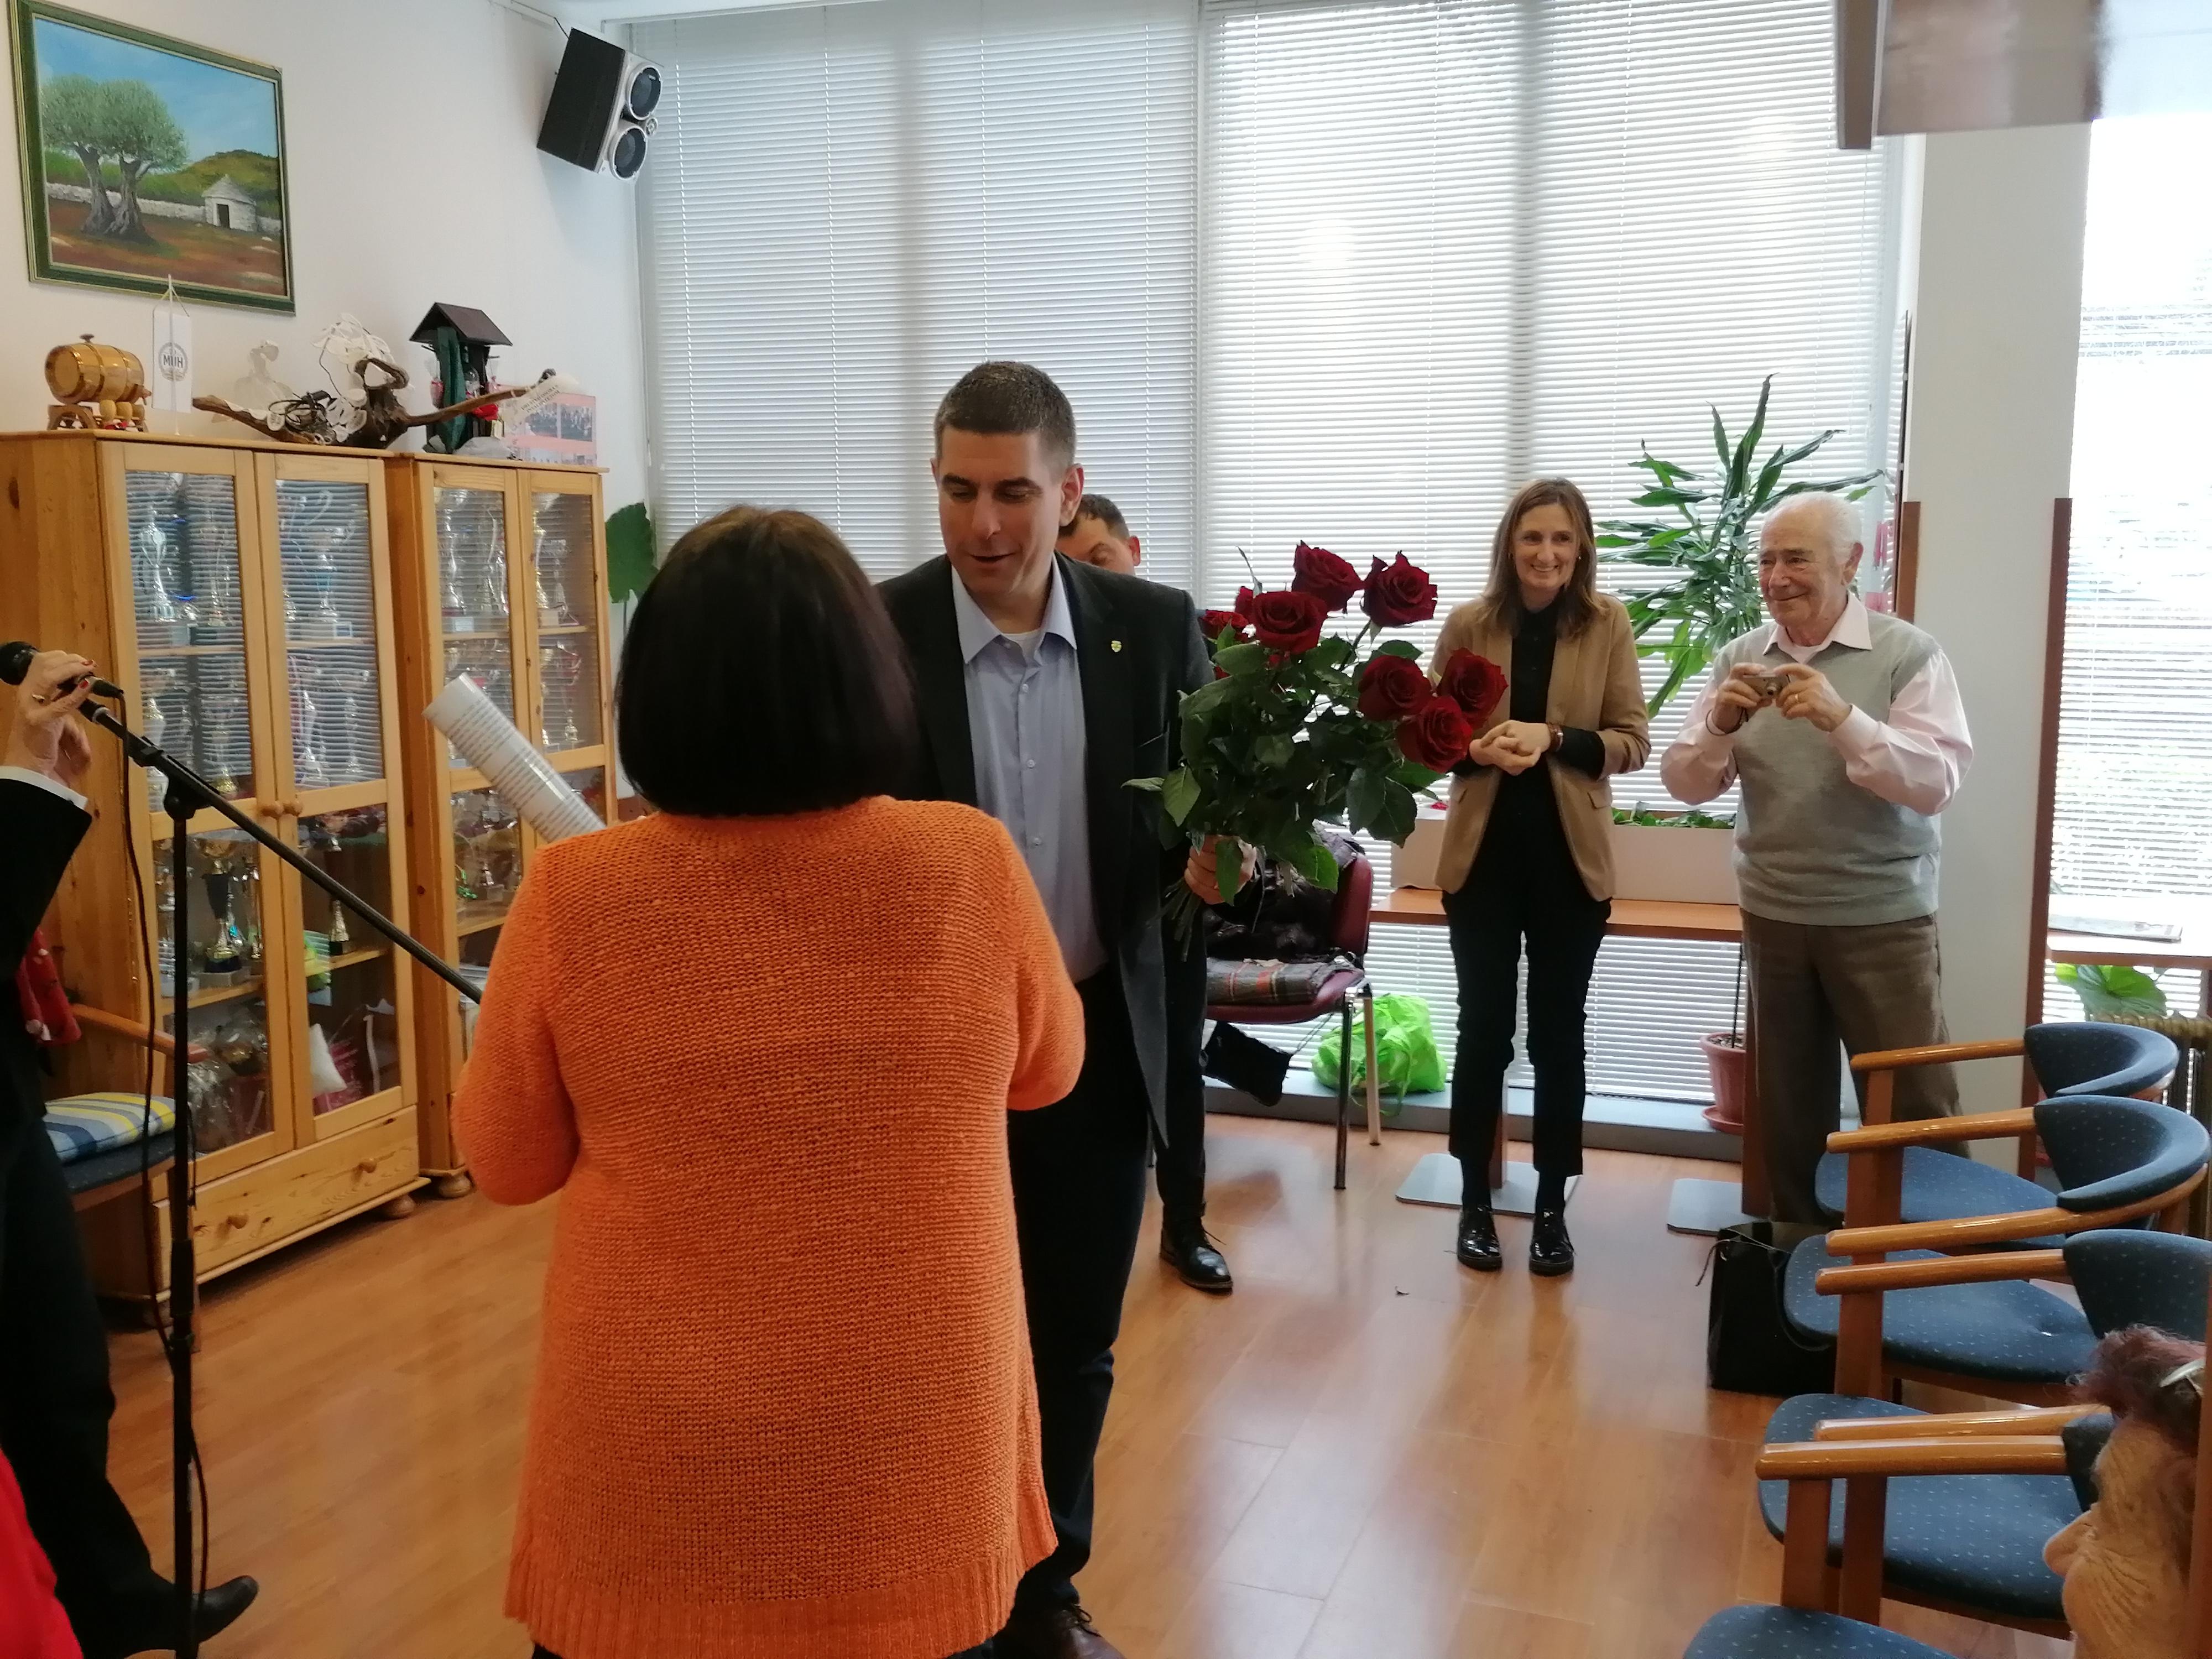 Gradonačelnik podijelio ruže rovinjskim umirovljenicama